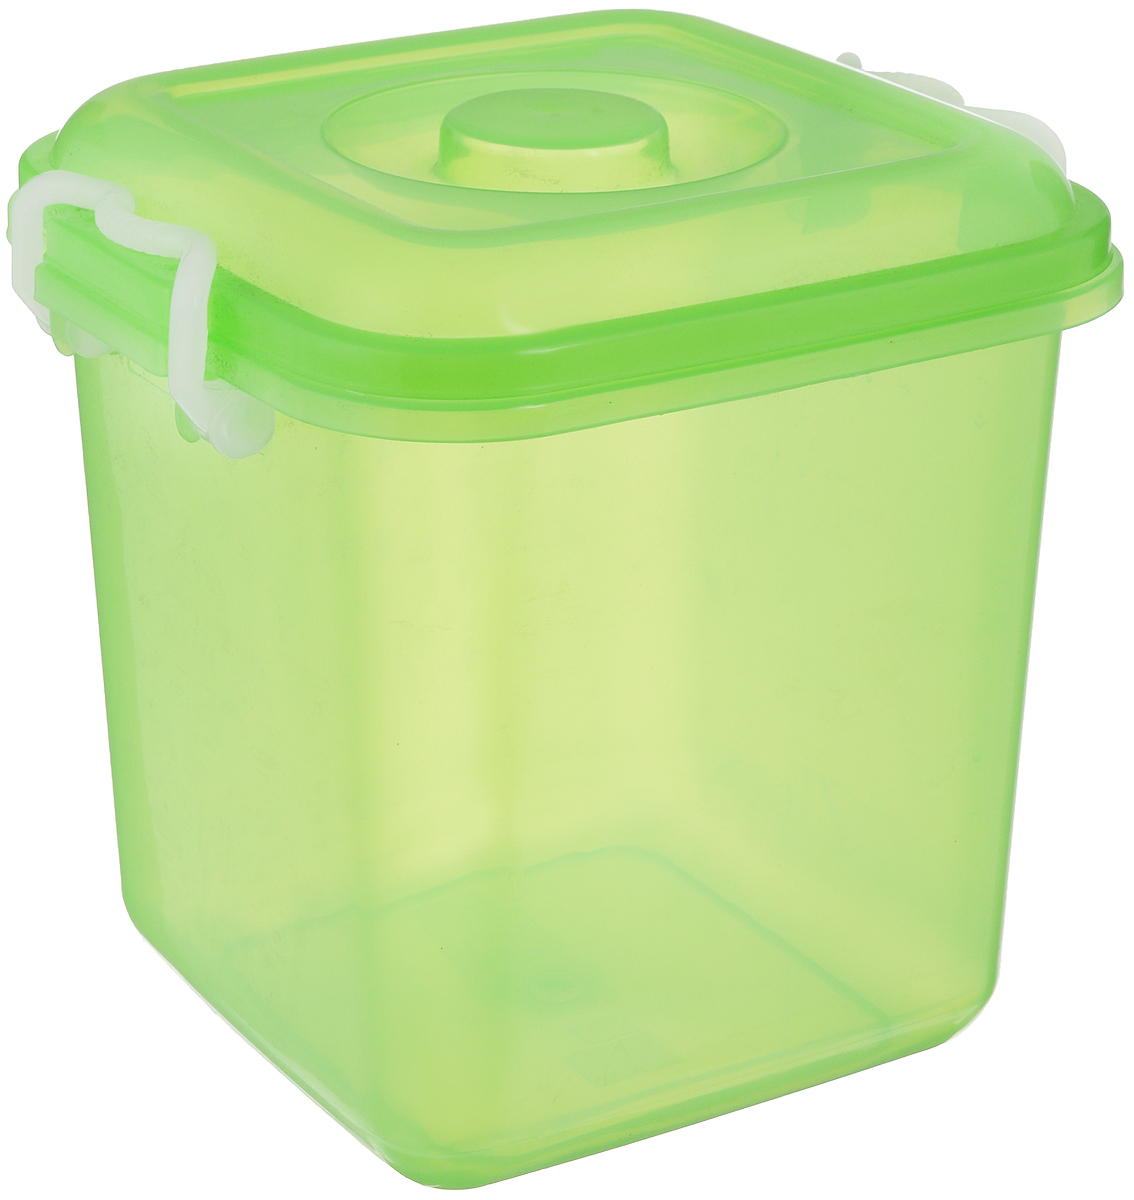 Контейнер для хранения Idea Океаник, цвет: зеленый, 10 л контейнер для хранения idea океаник цвет голубой 20 л